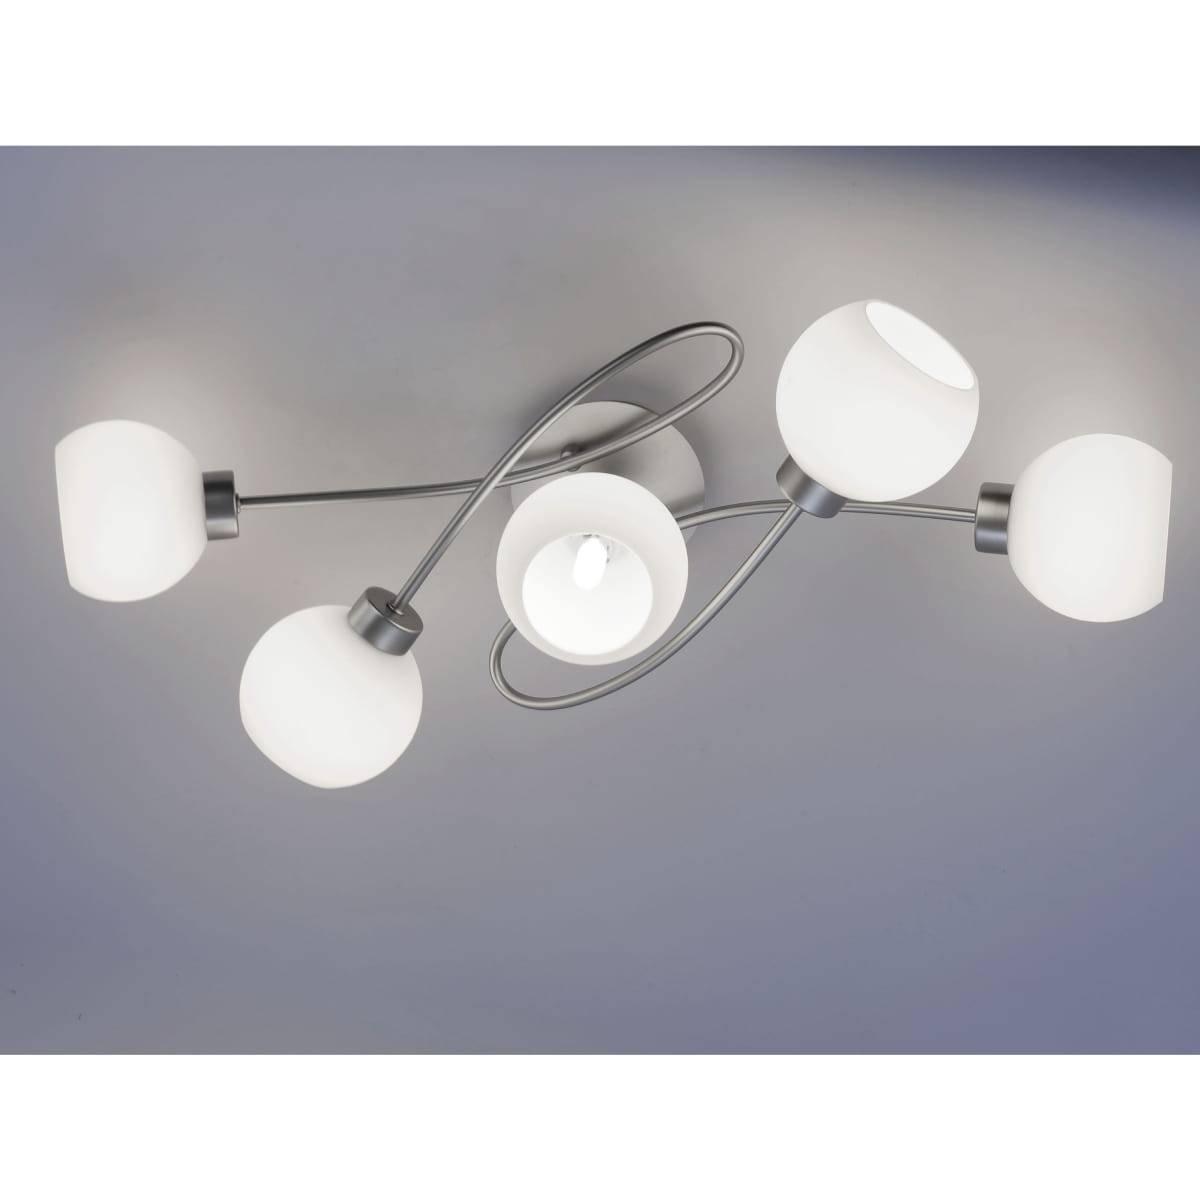 Deckenleuchte in Stahl und geschwungen mit 5 verstellbaren Leuchtköpfen aus Opalglas für G9 Leuchtmittel